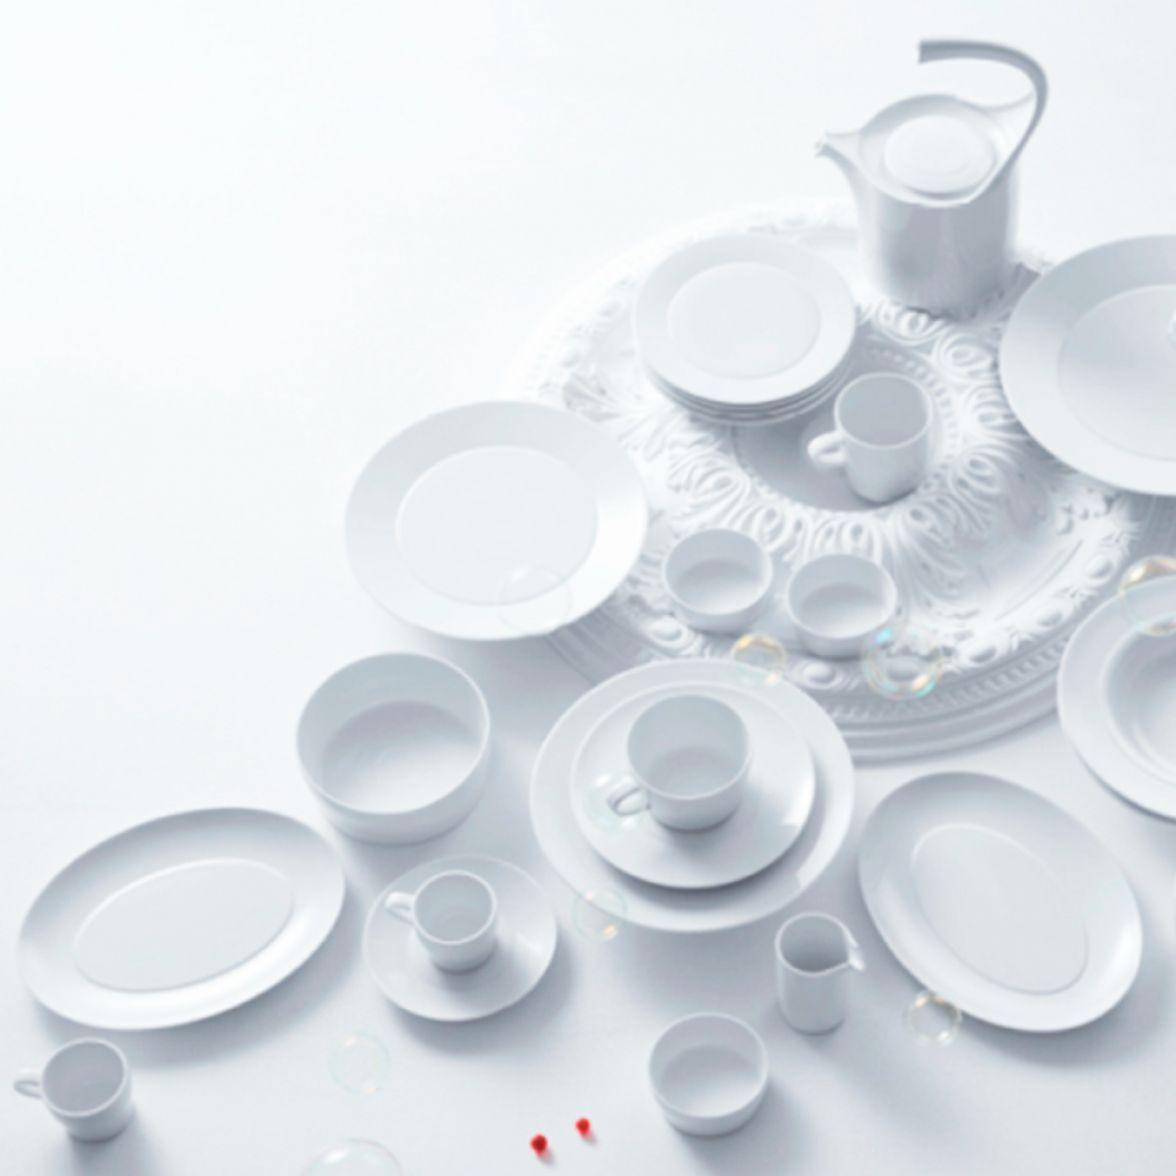 Aurpole White table service